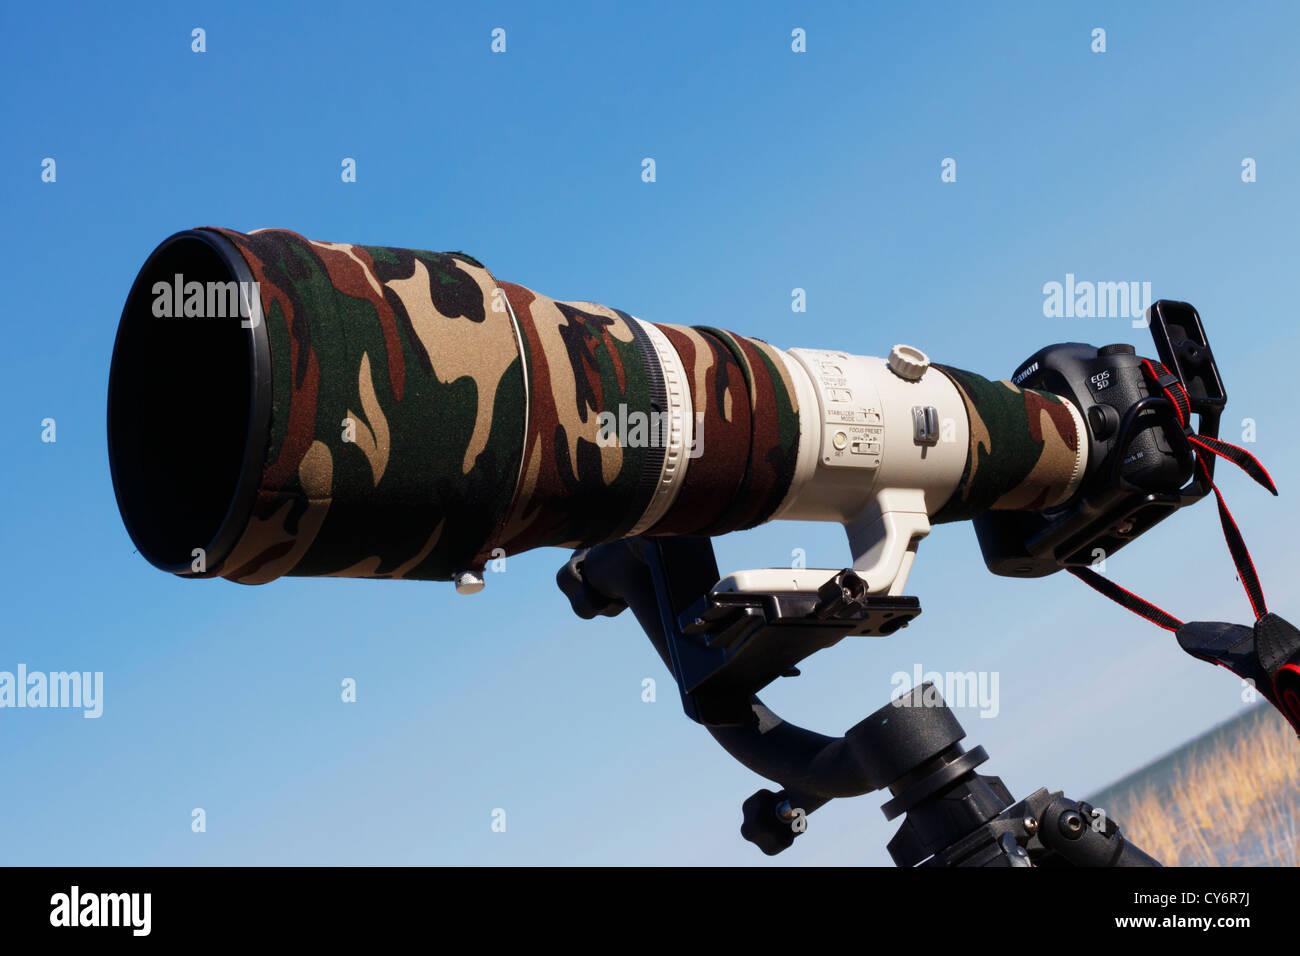 Canon 800mm f/5.6 super teleobiettivo e DSLR montato su di una sospensione cardanica di testa. Immagini Stock